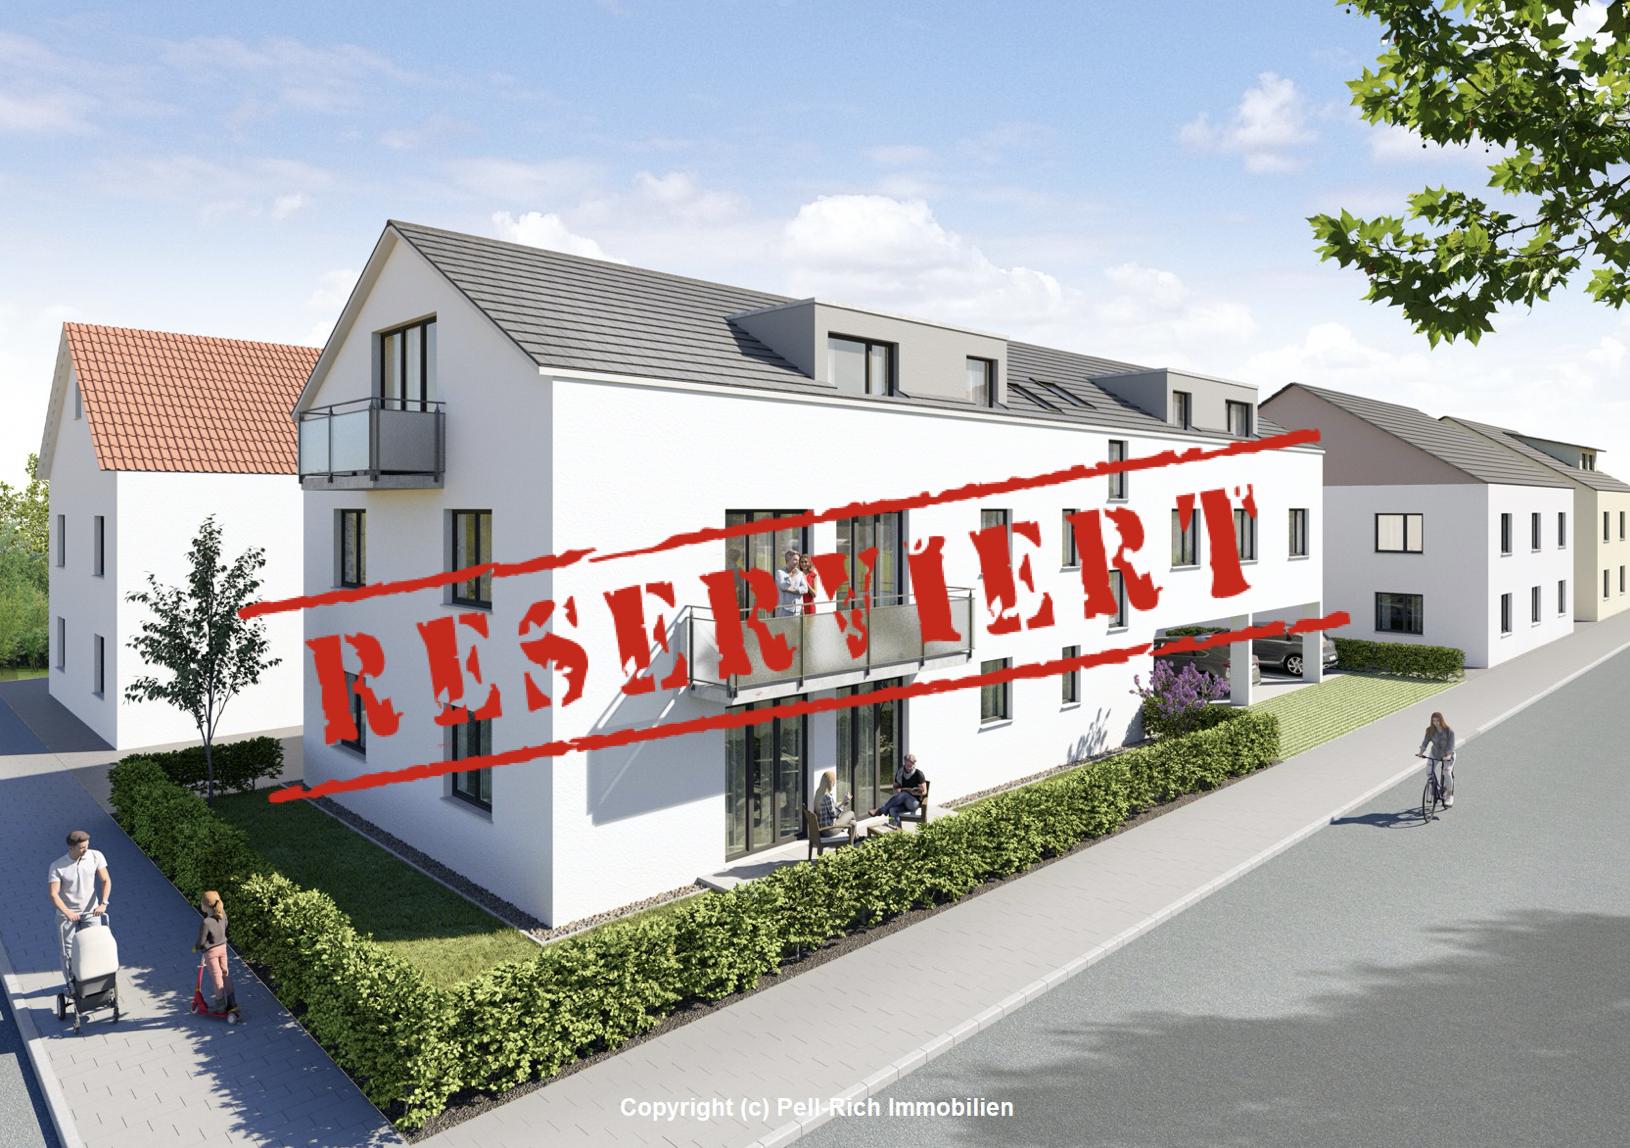 -derzeit reserviert- WOHNGLÜCK: 3 Neubaumietwohnungen je inkl. Außenstellplatz ab 01.11.21 verfügbar